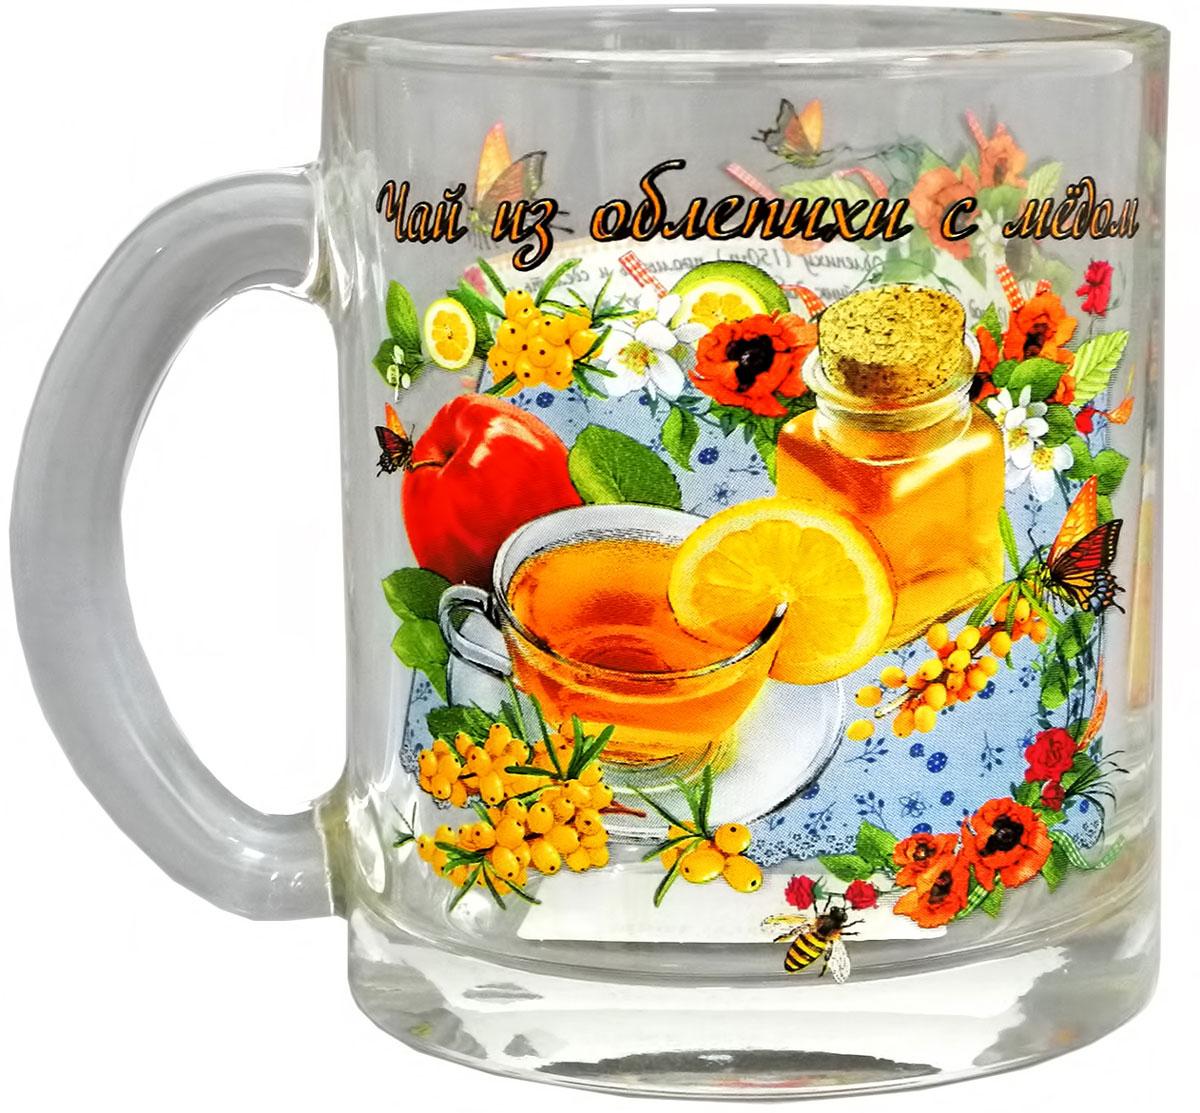 Кружка чайная Квестор Чай из облепихи с медом, 320 млFS-91909Кружка чайная Квестор Чай из облепихи с медом, 320 мл